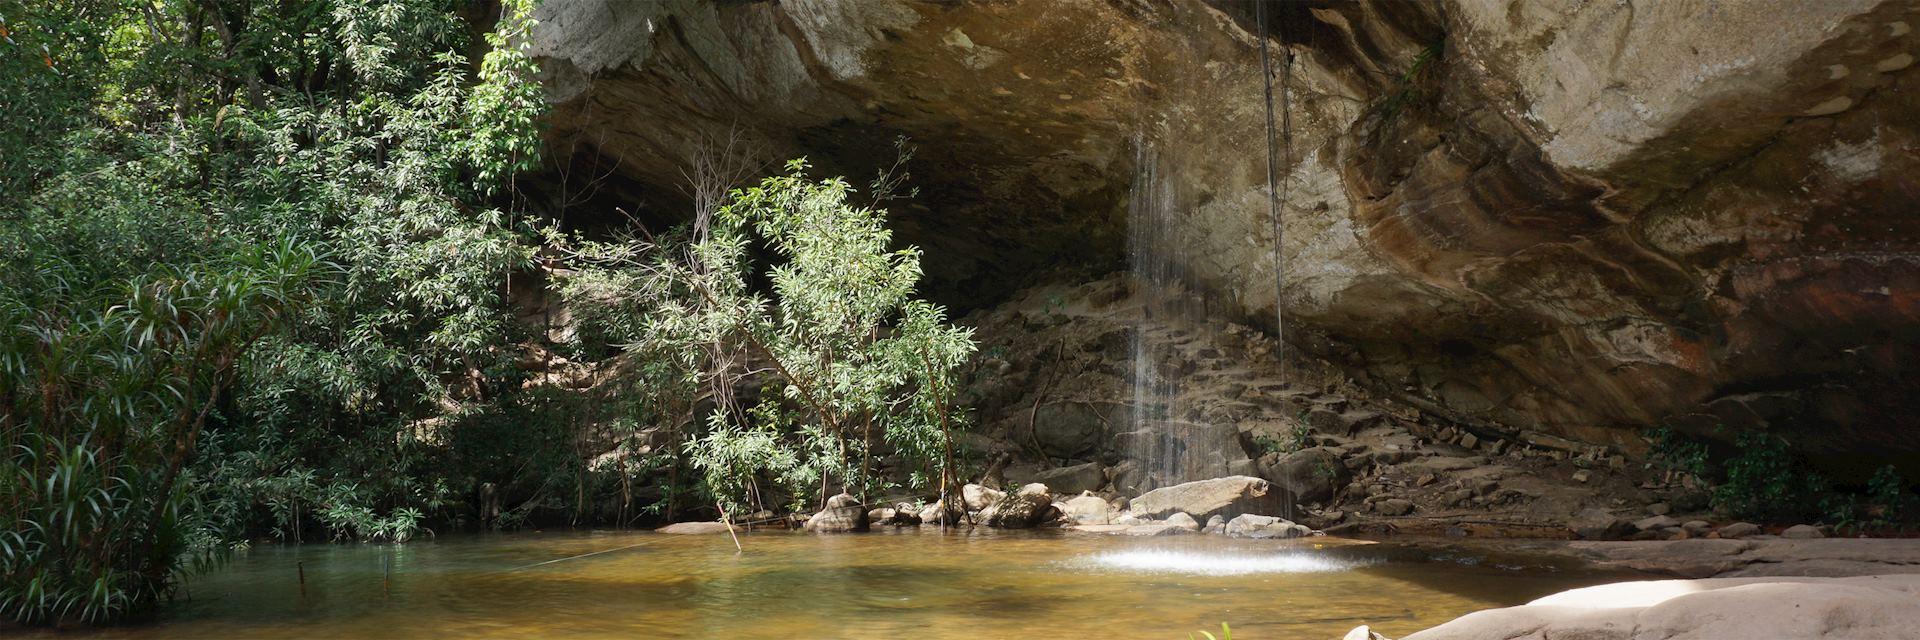 SanChan Waterfall, Khong Jiam